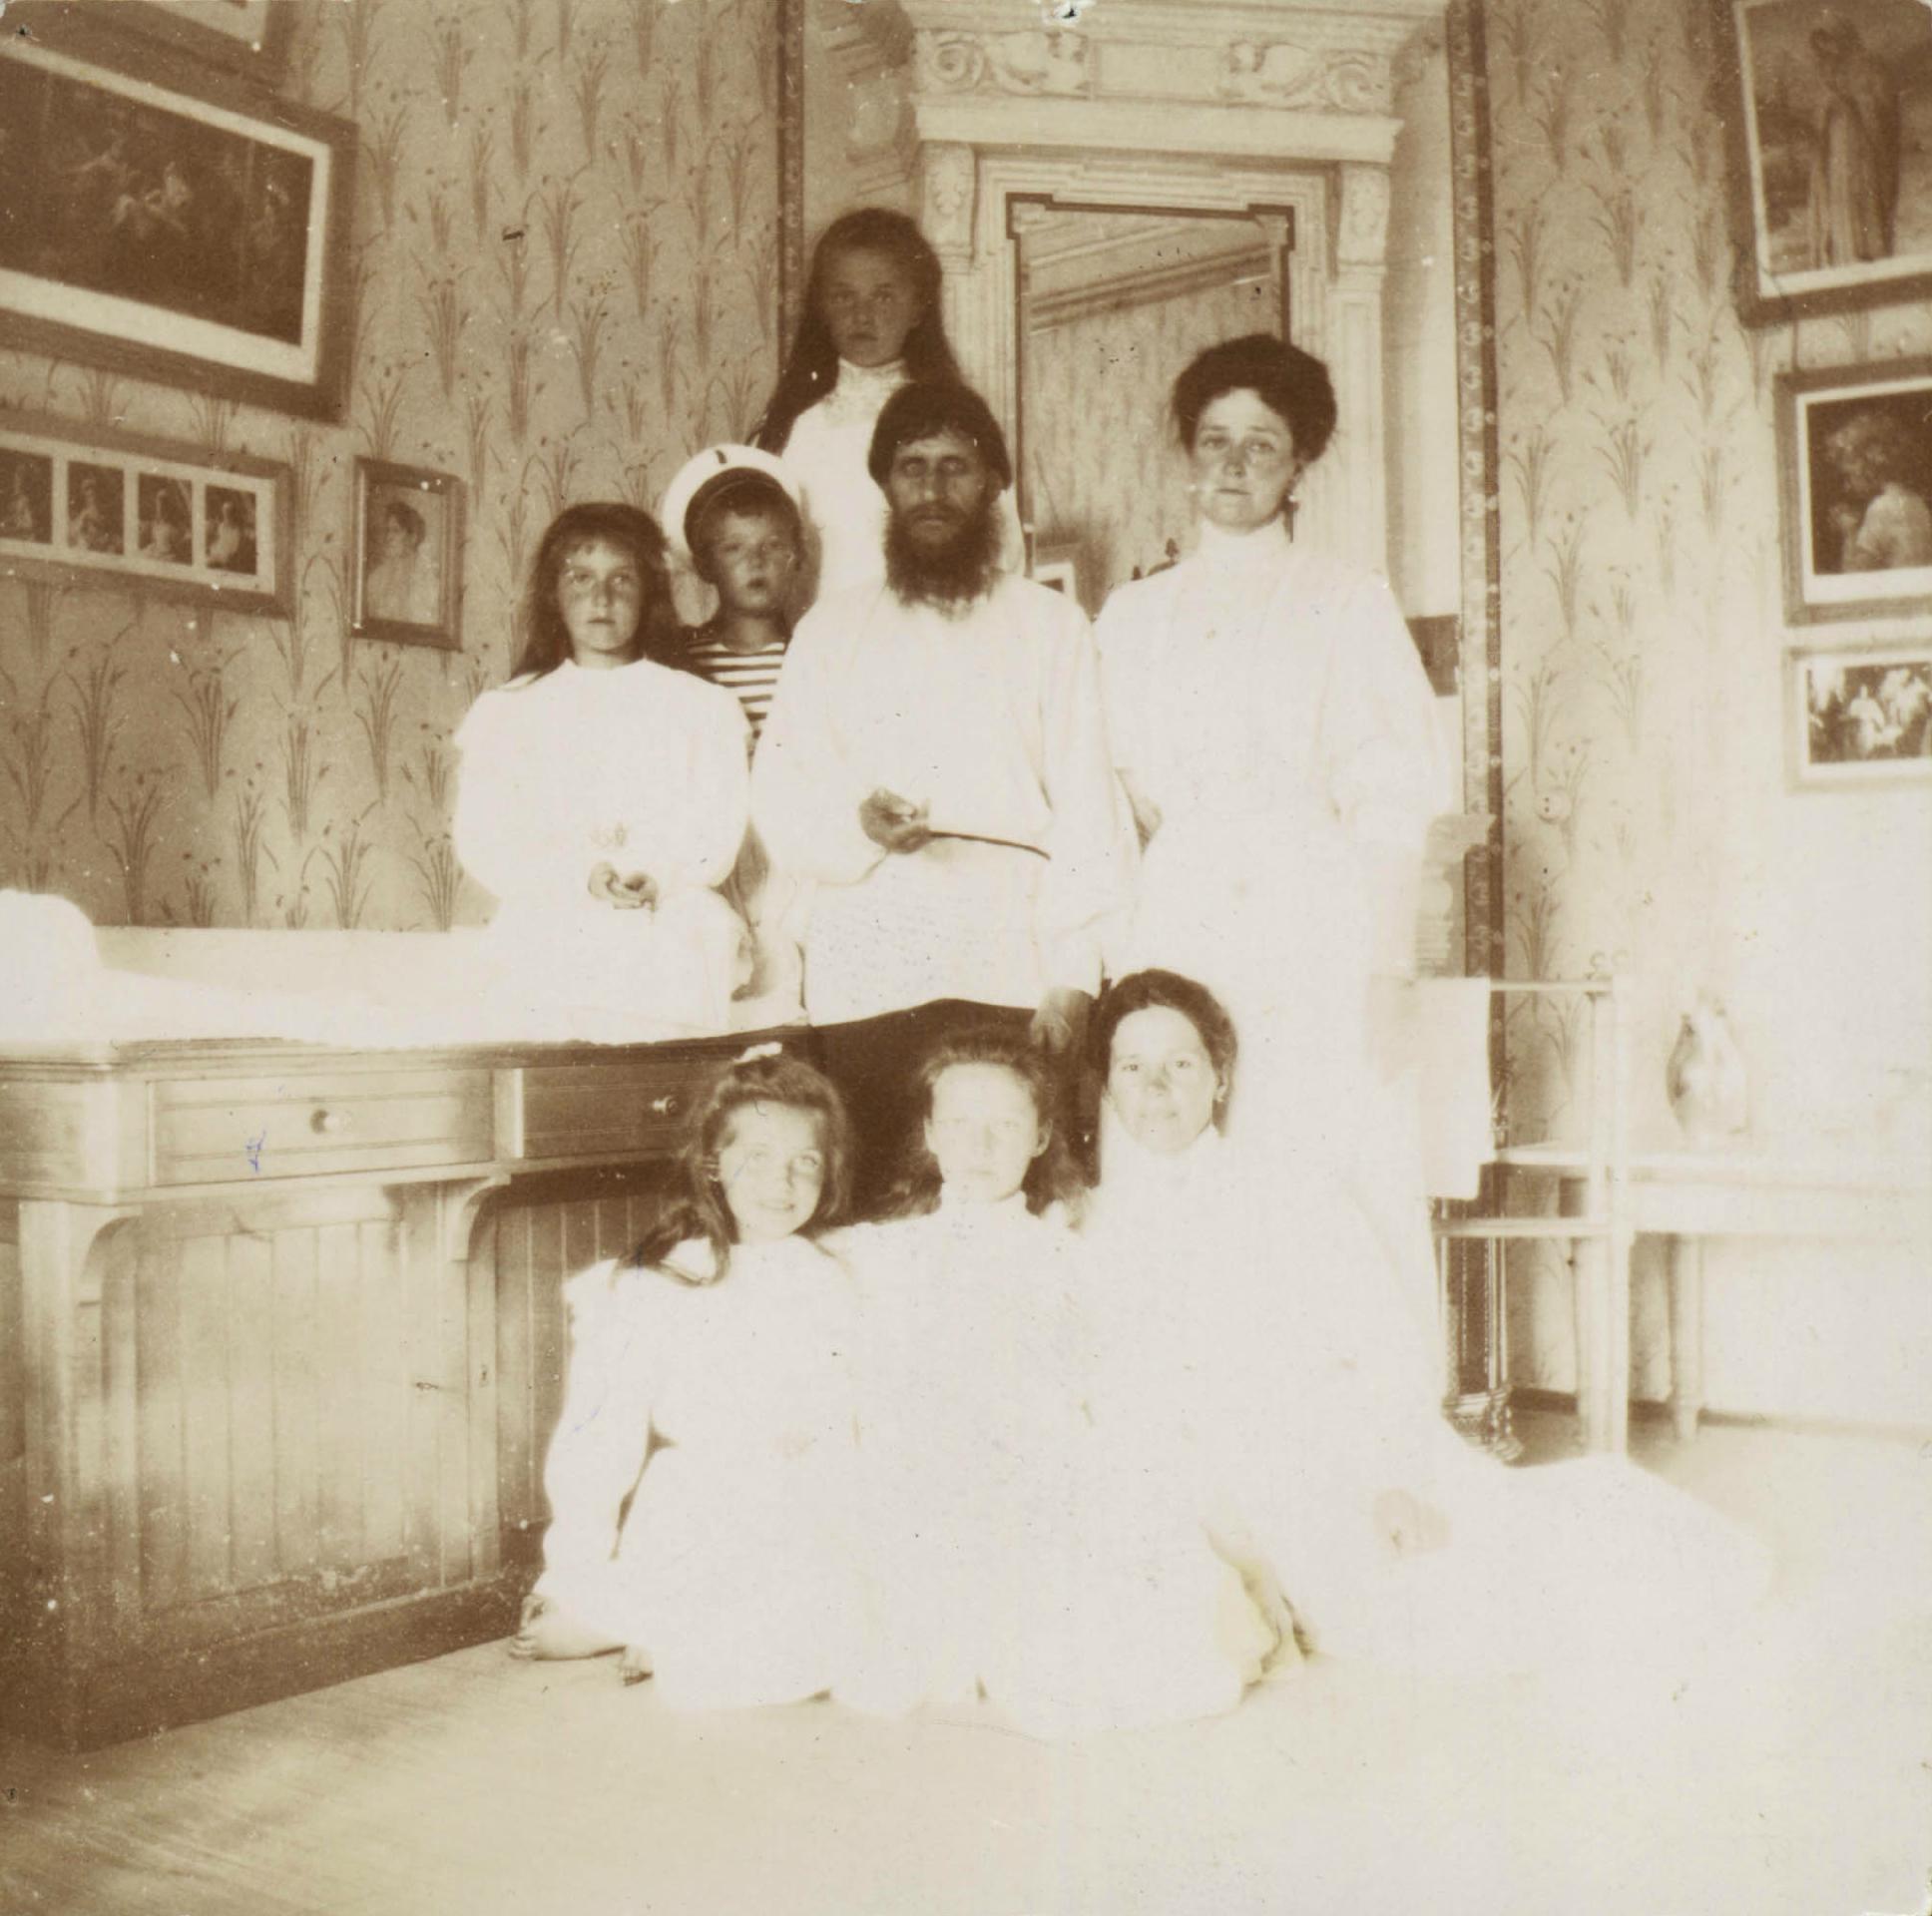 Raspoutine et la famille Impériale